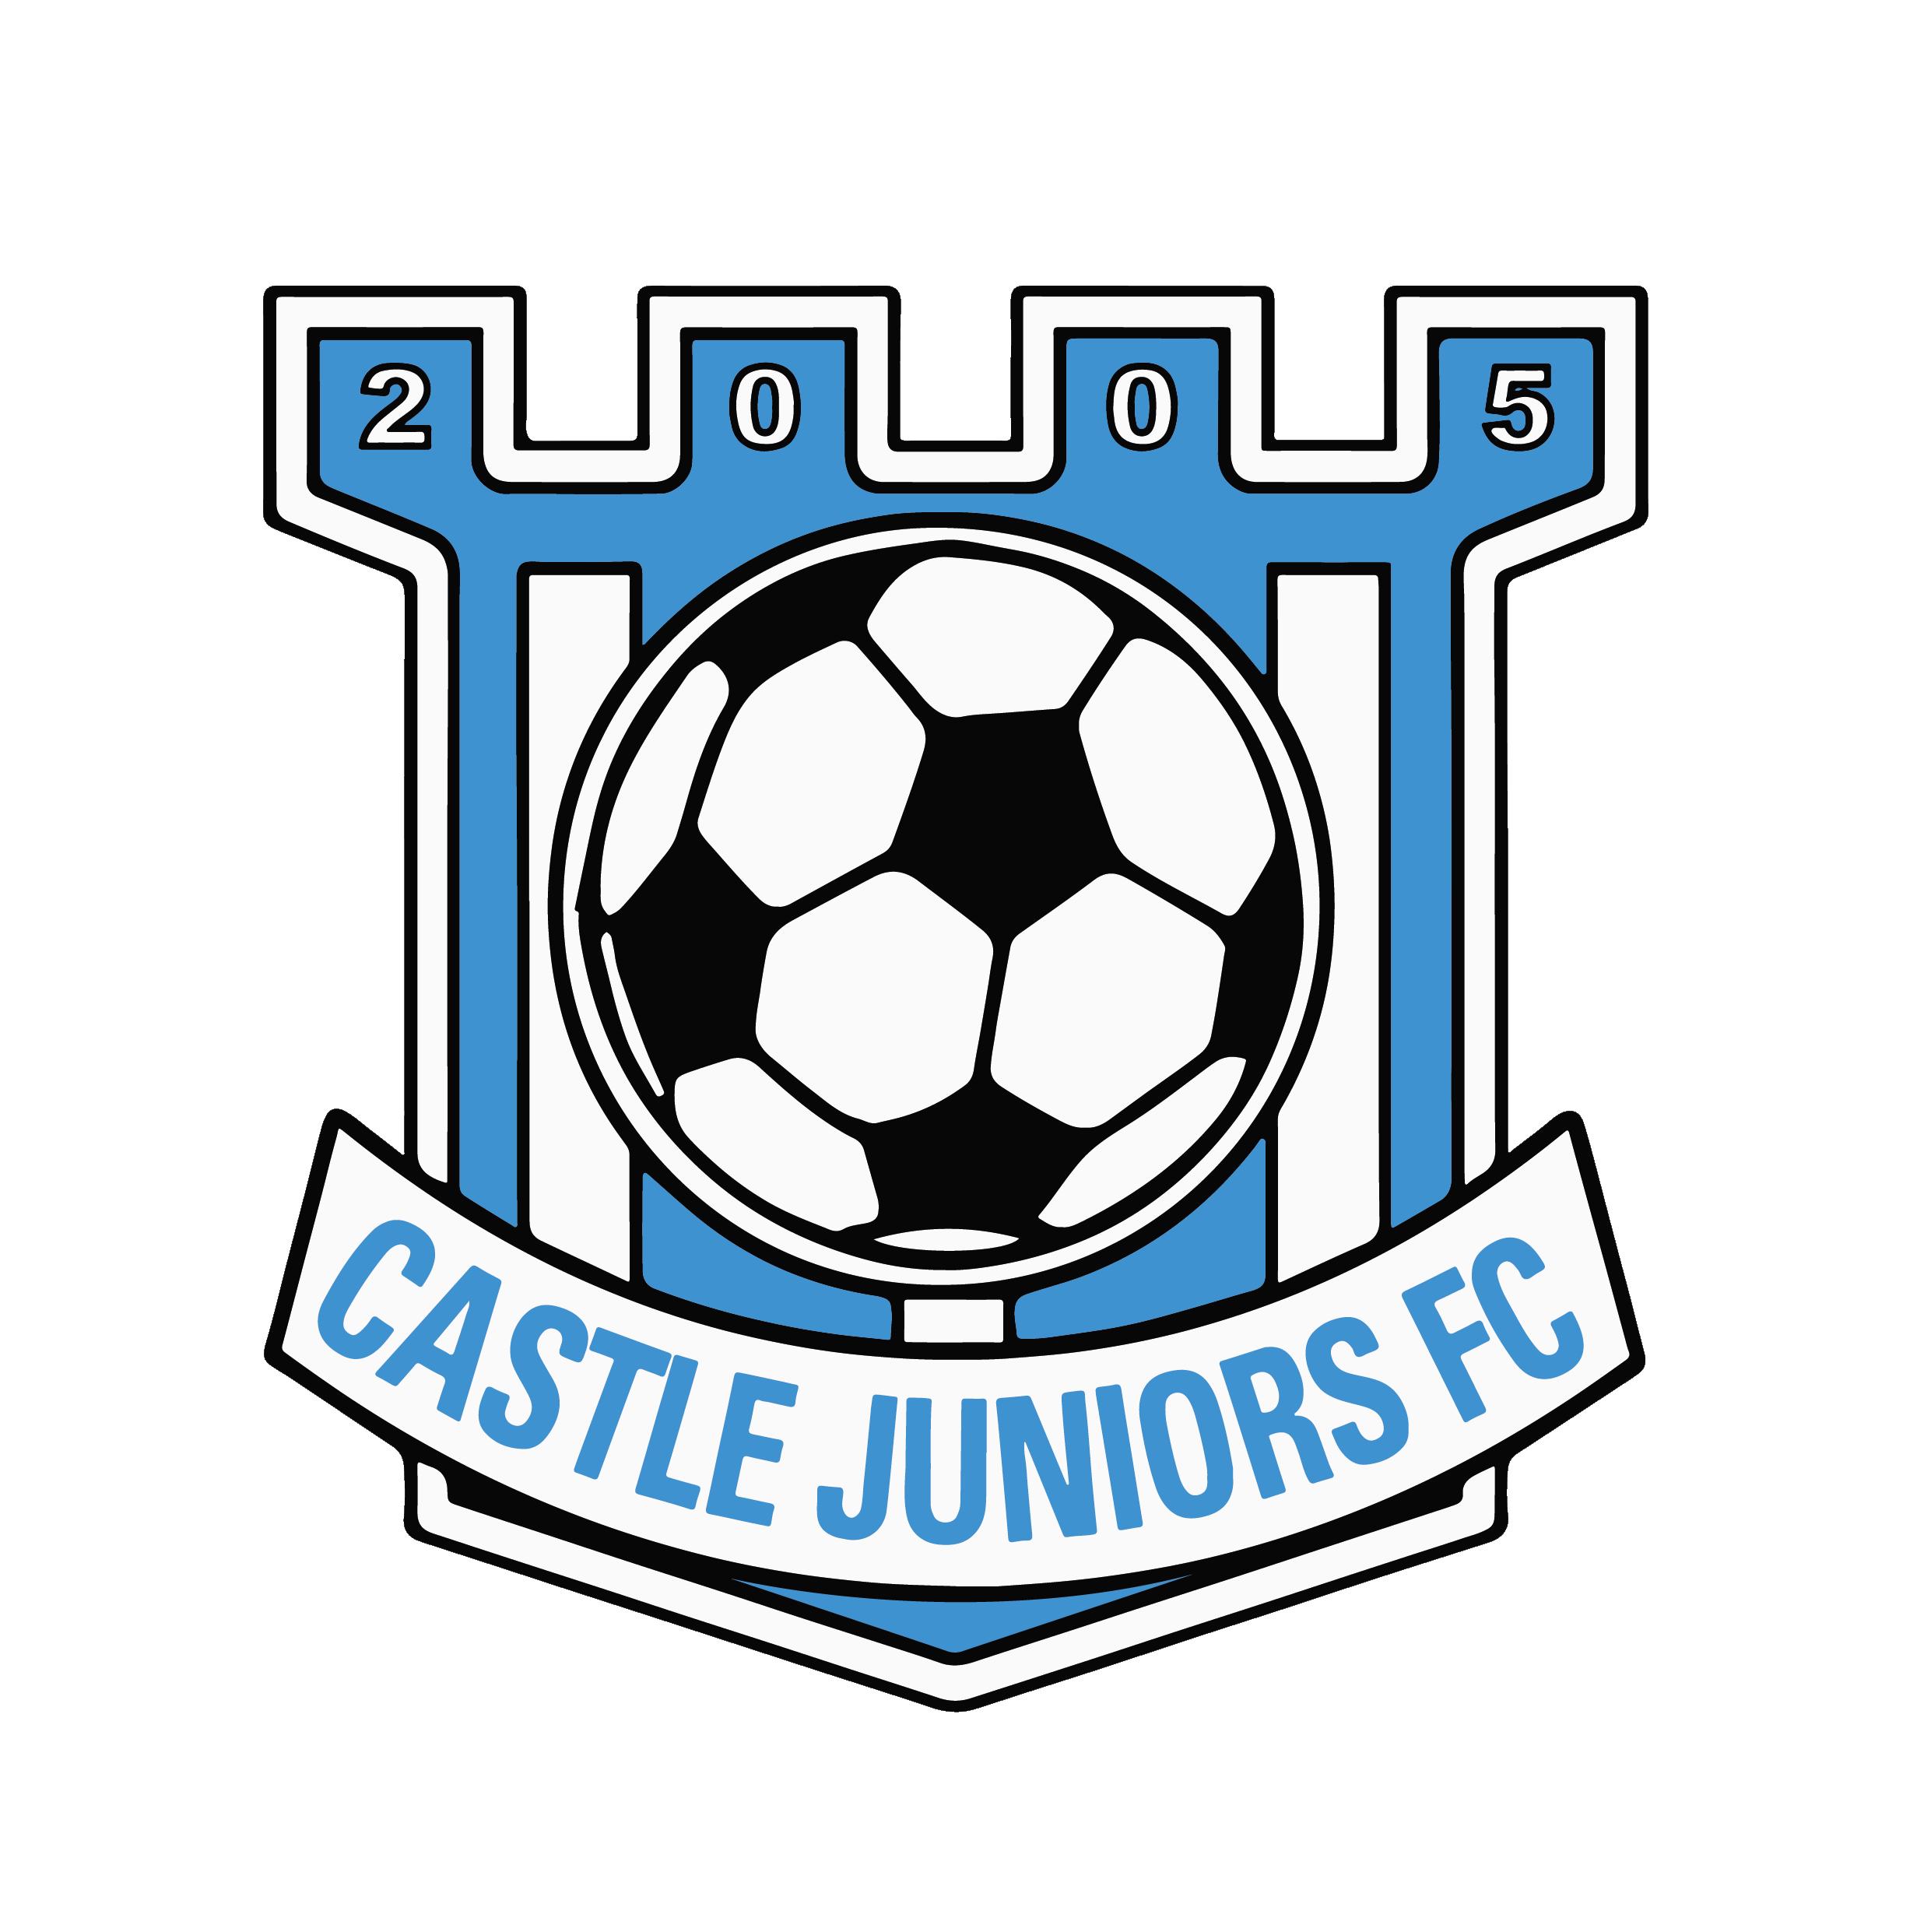 Castle Juniors